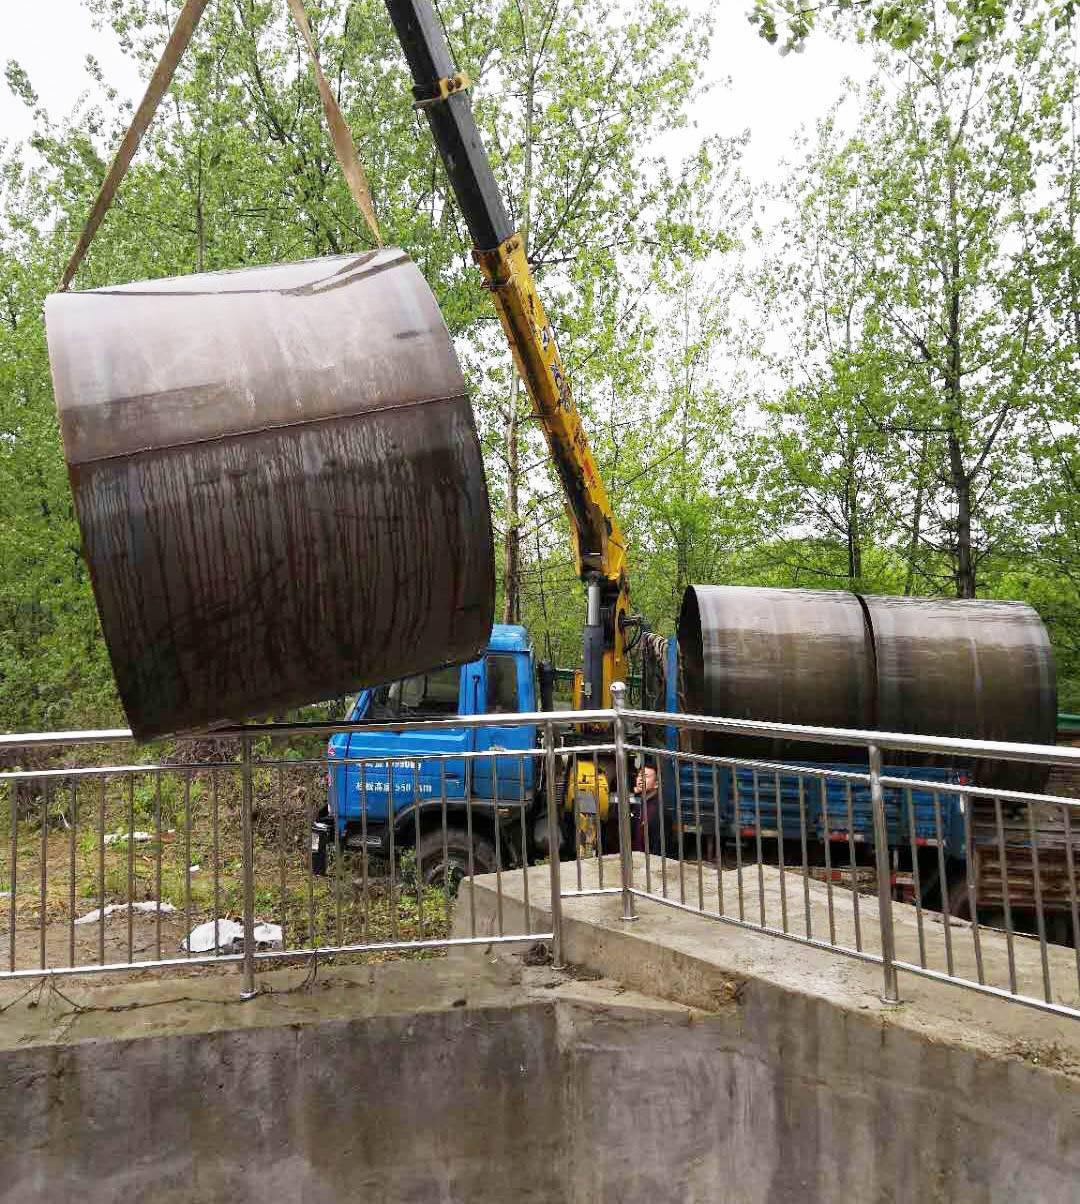 巍特环境:管道非开挖修复前应做哪些检测工作?